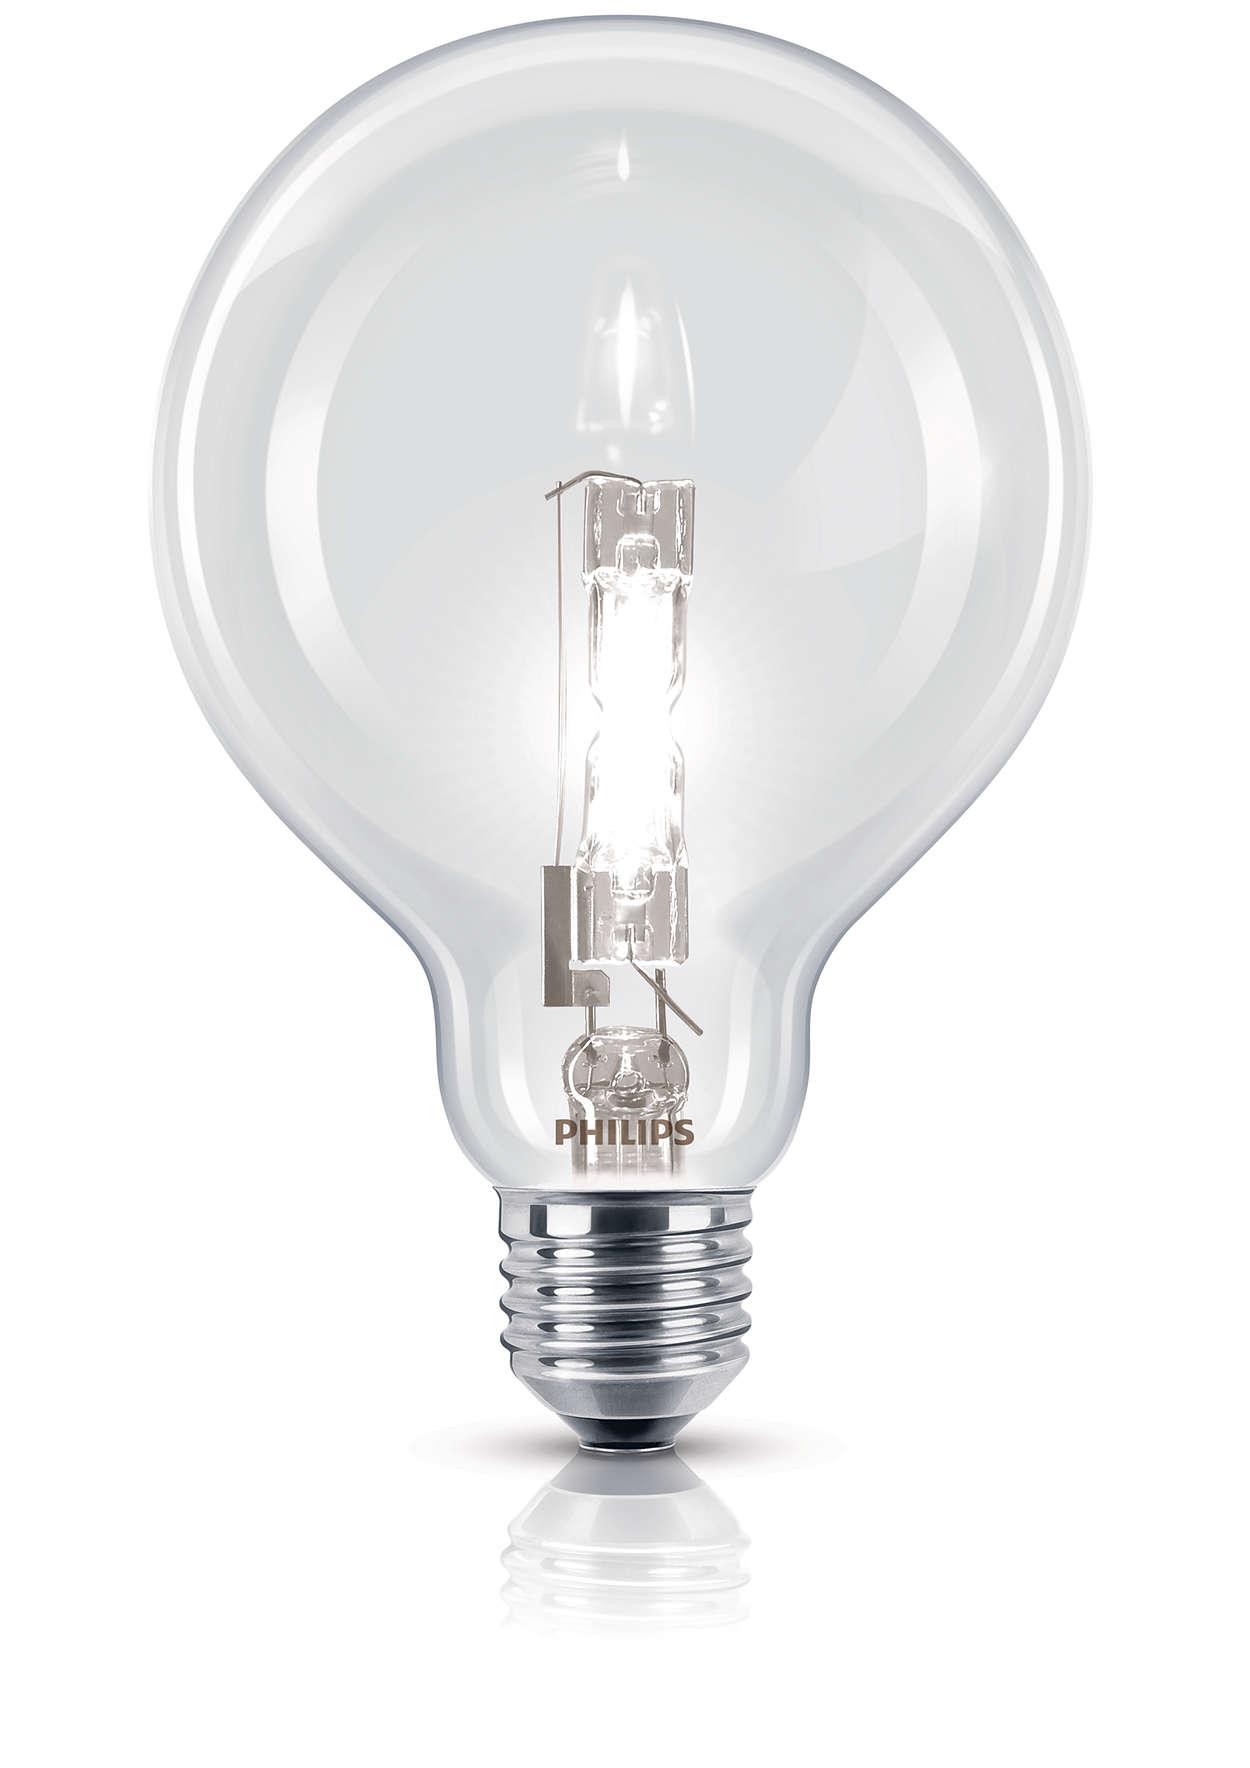 Luce alogena brillante in una forma tradizionale